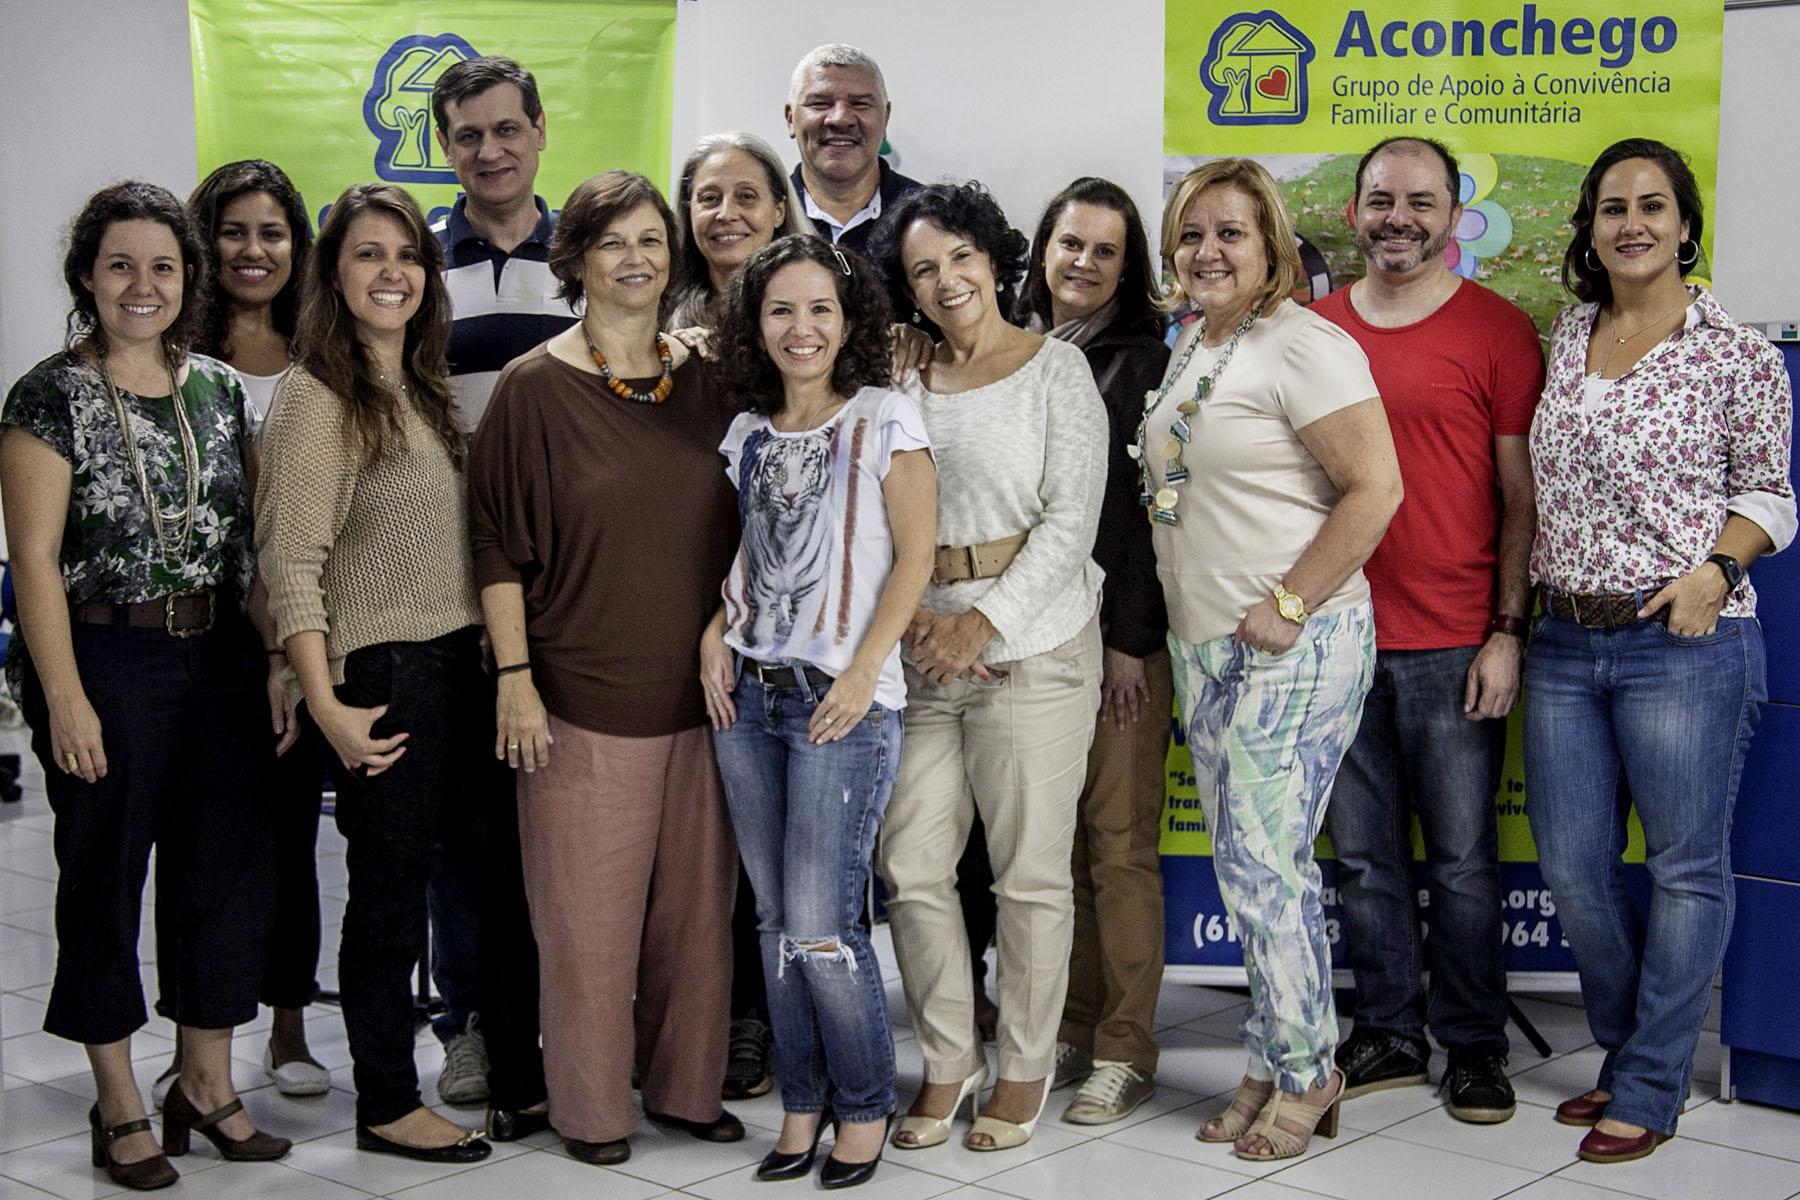 Equipe Aconchego